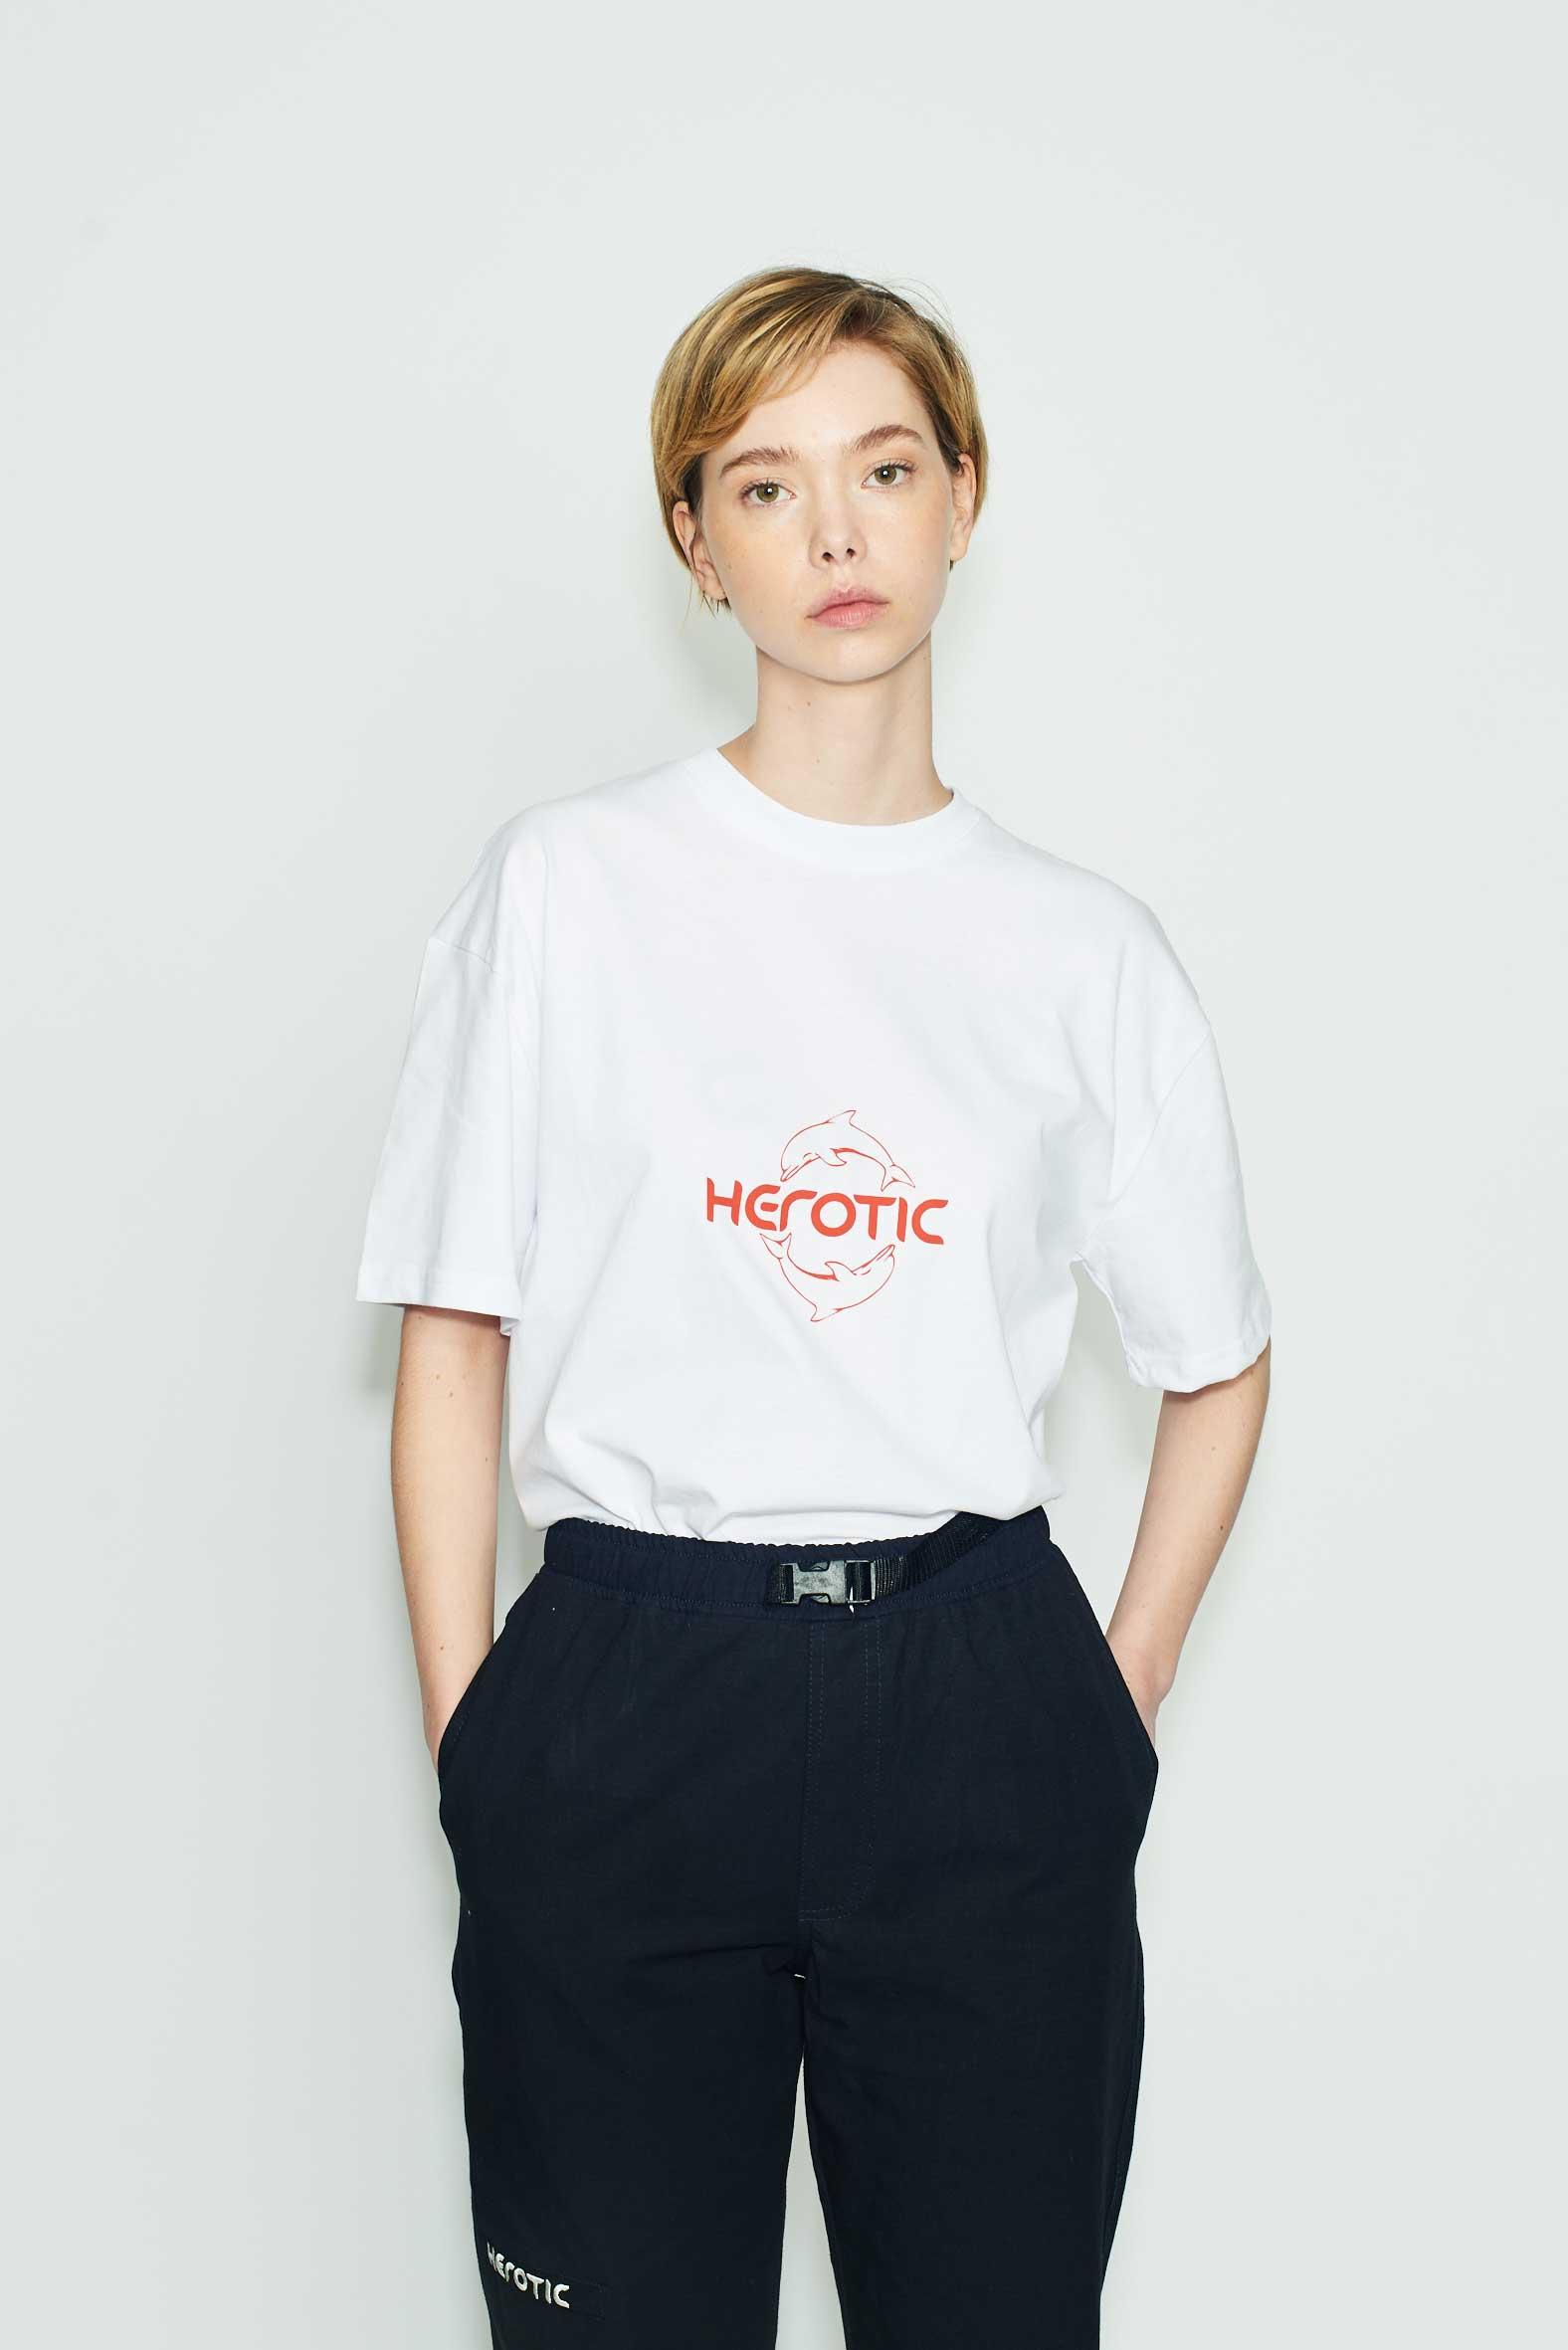 Herotic - OG Logo T-Shirt - White/Red